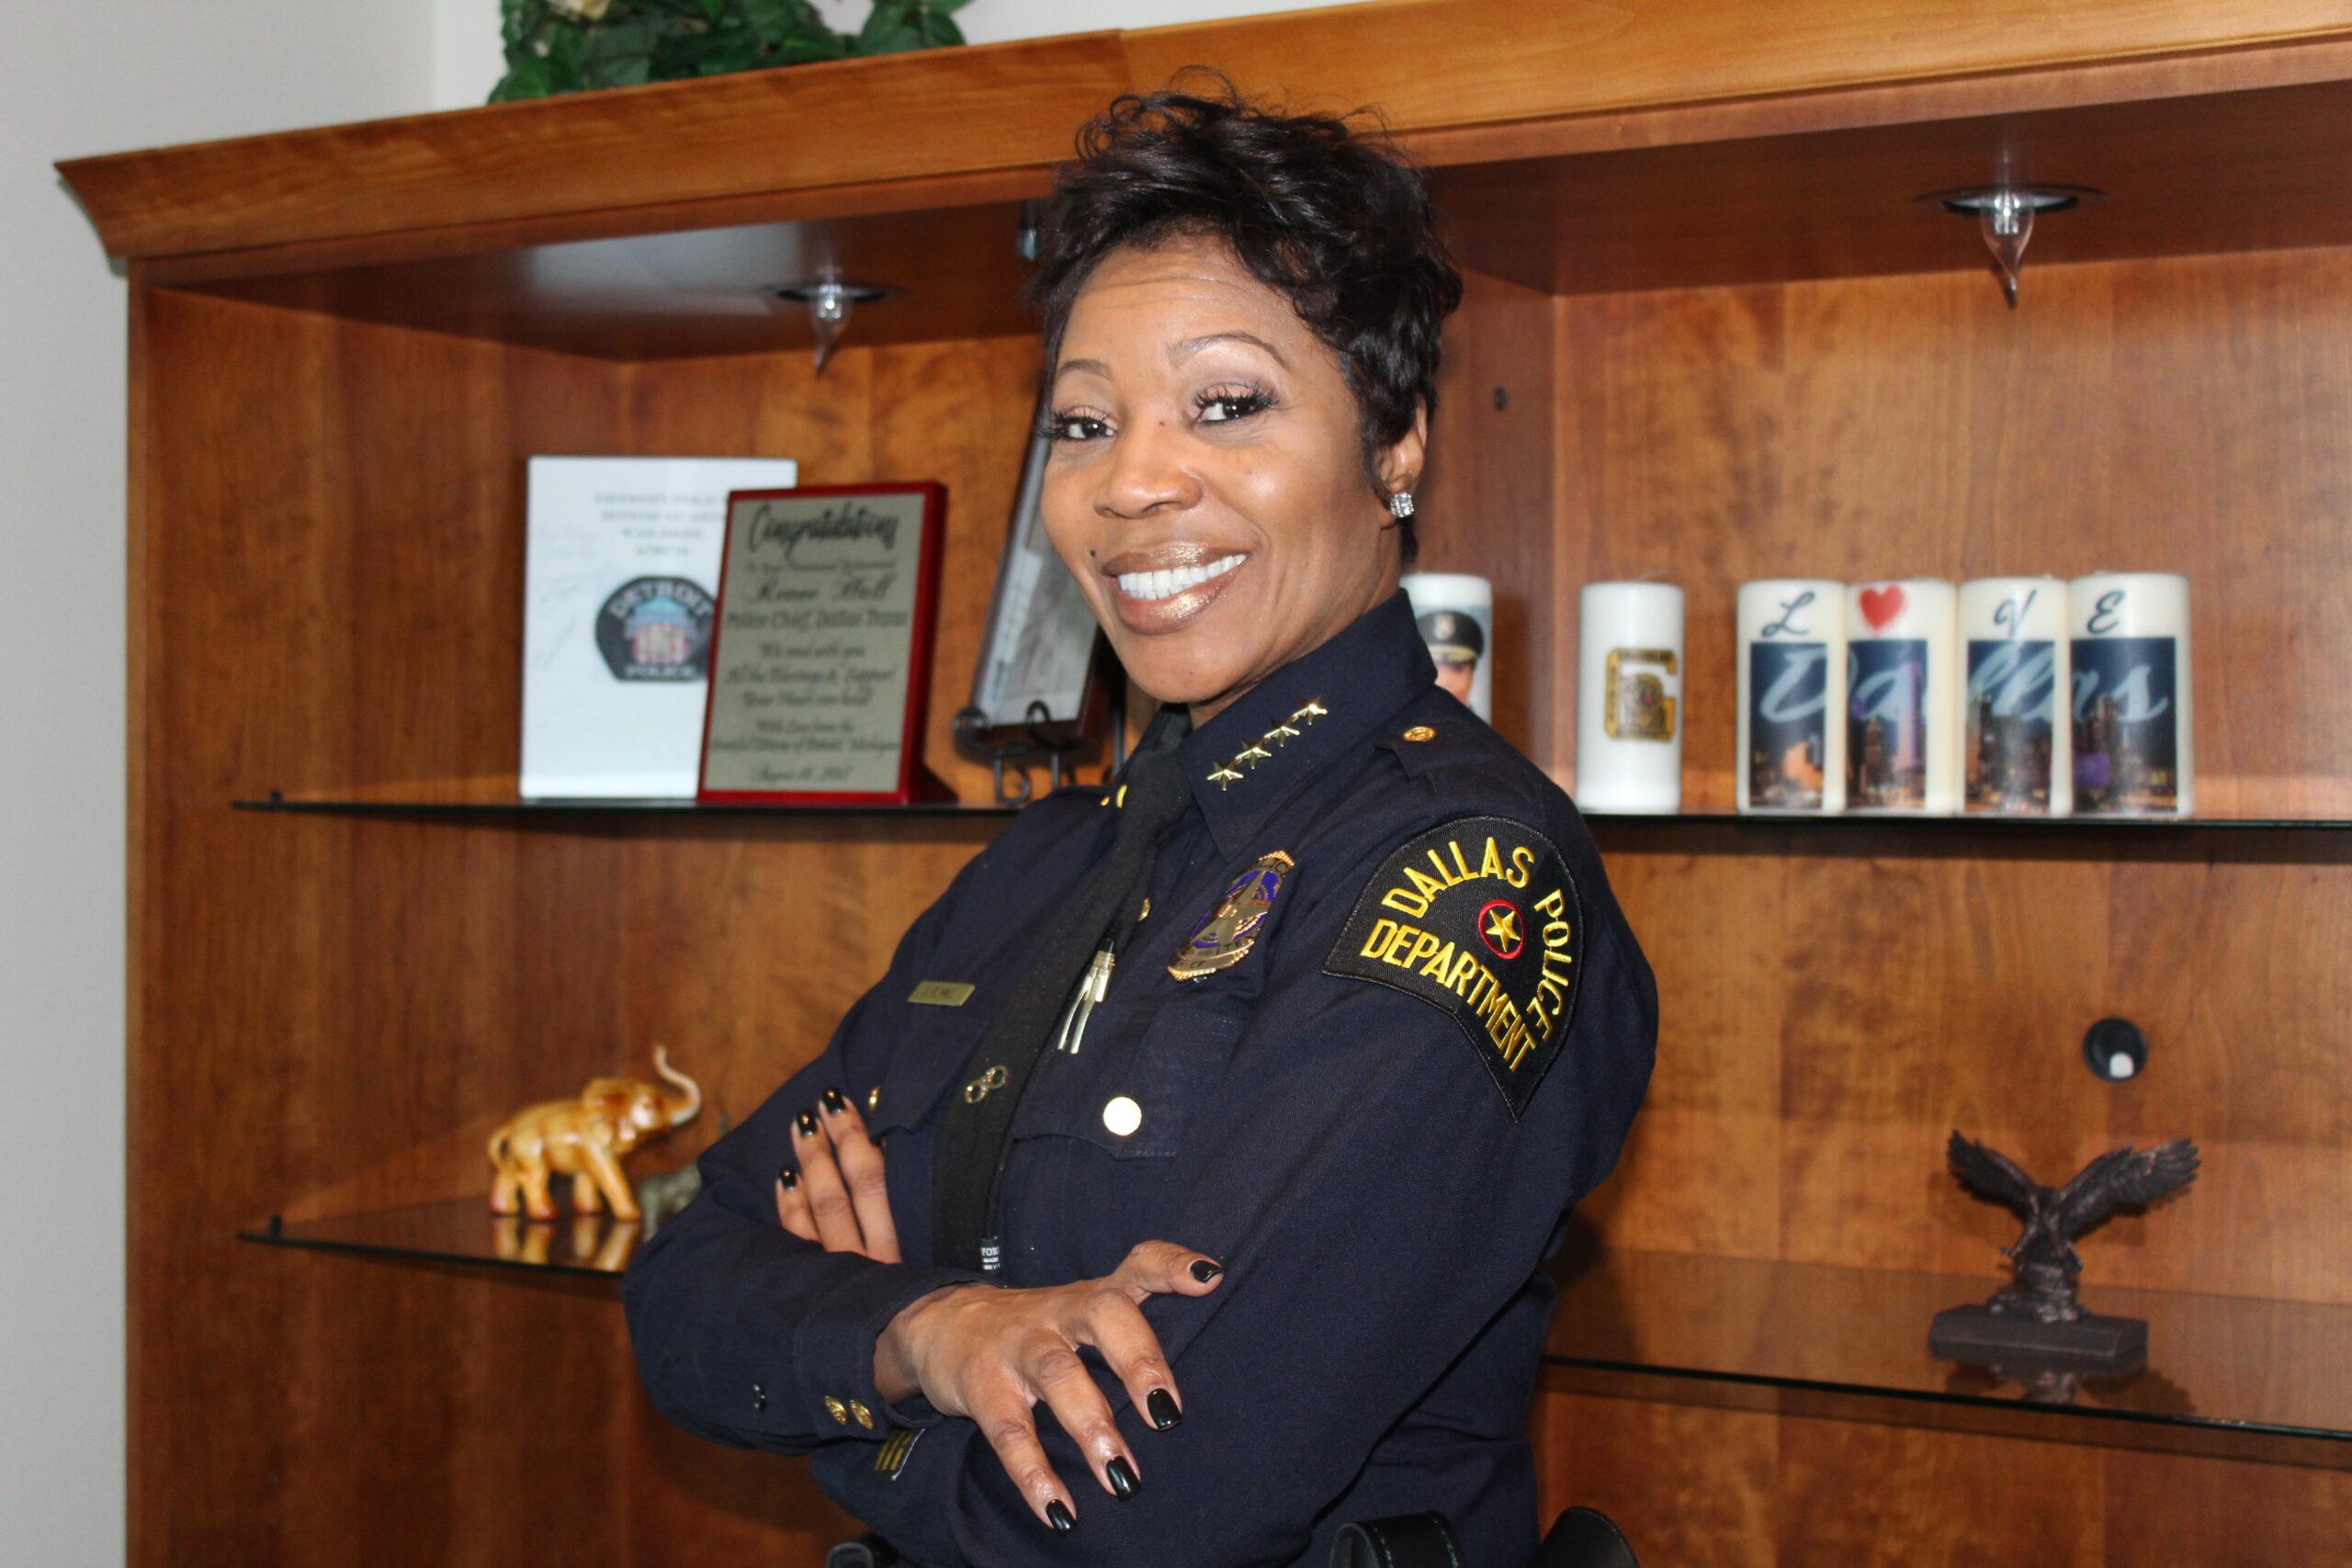 Dallas Police Department Police Chief U. Reneé Hall/ Photo by Eva D. Coleman